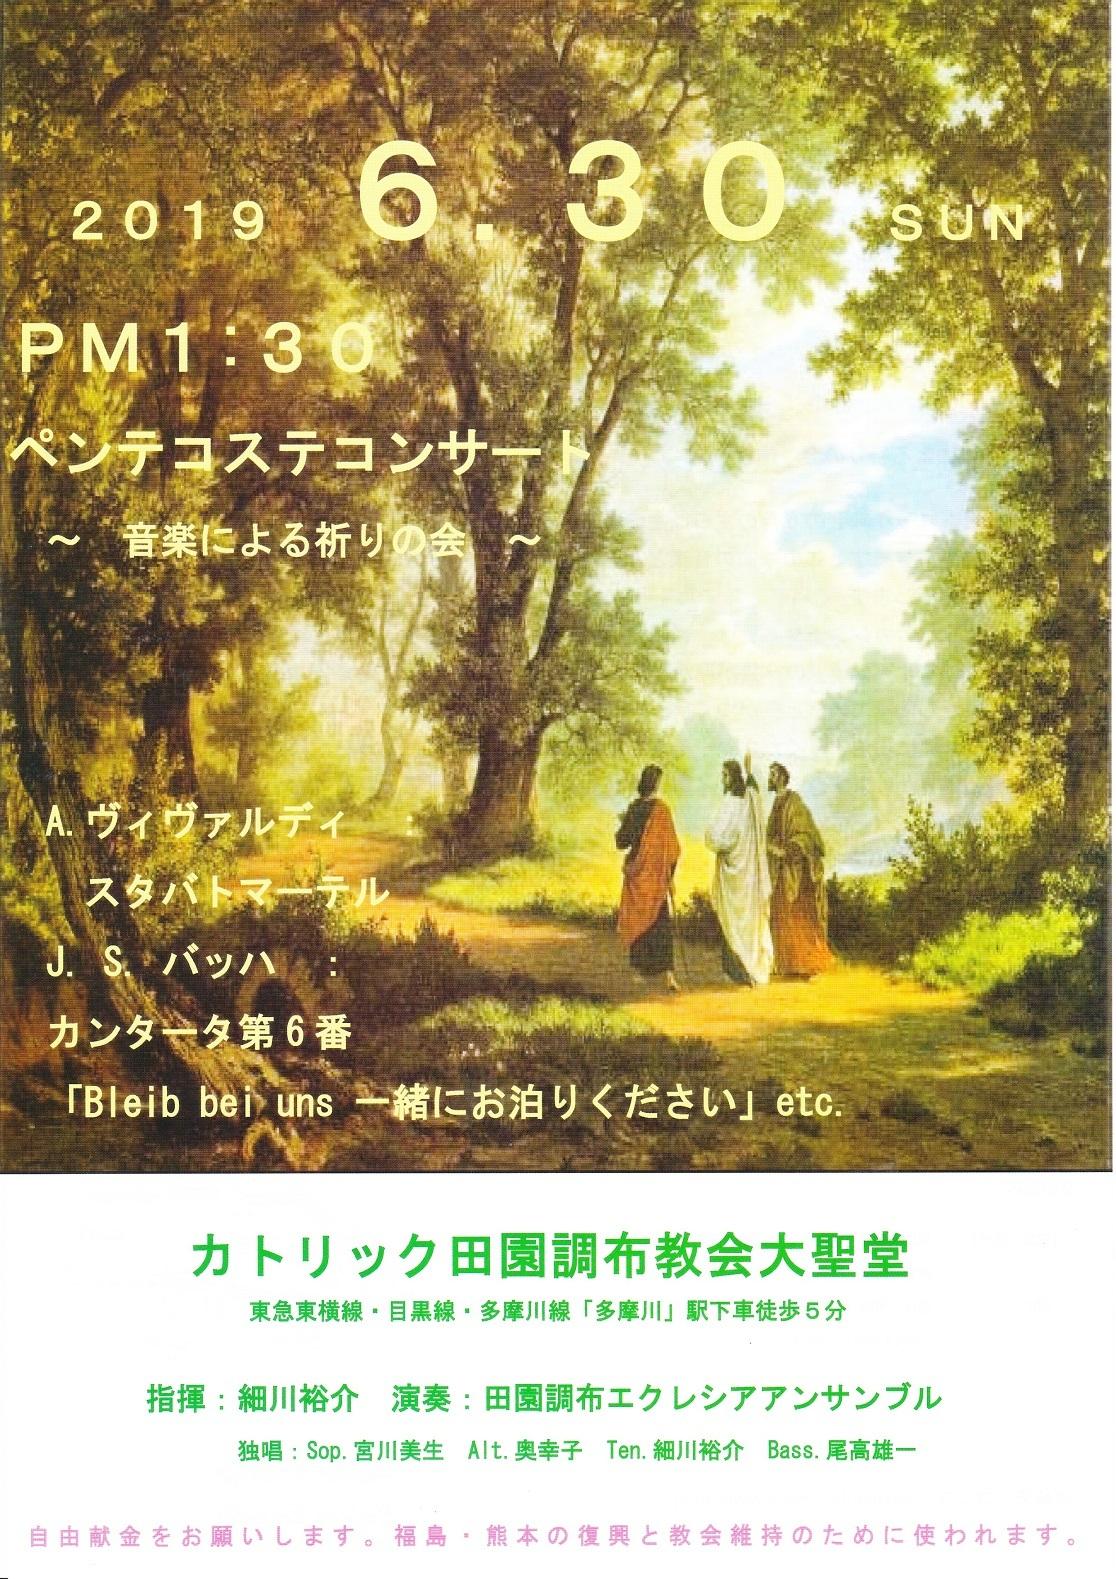 s田園調布カトリック教会演奏会_0001 - コピー